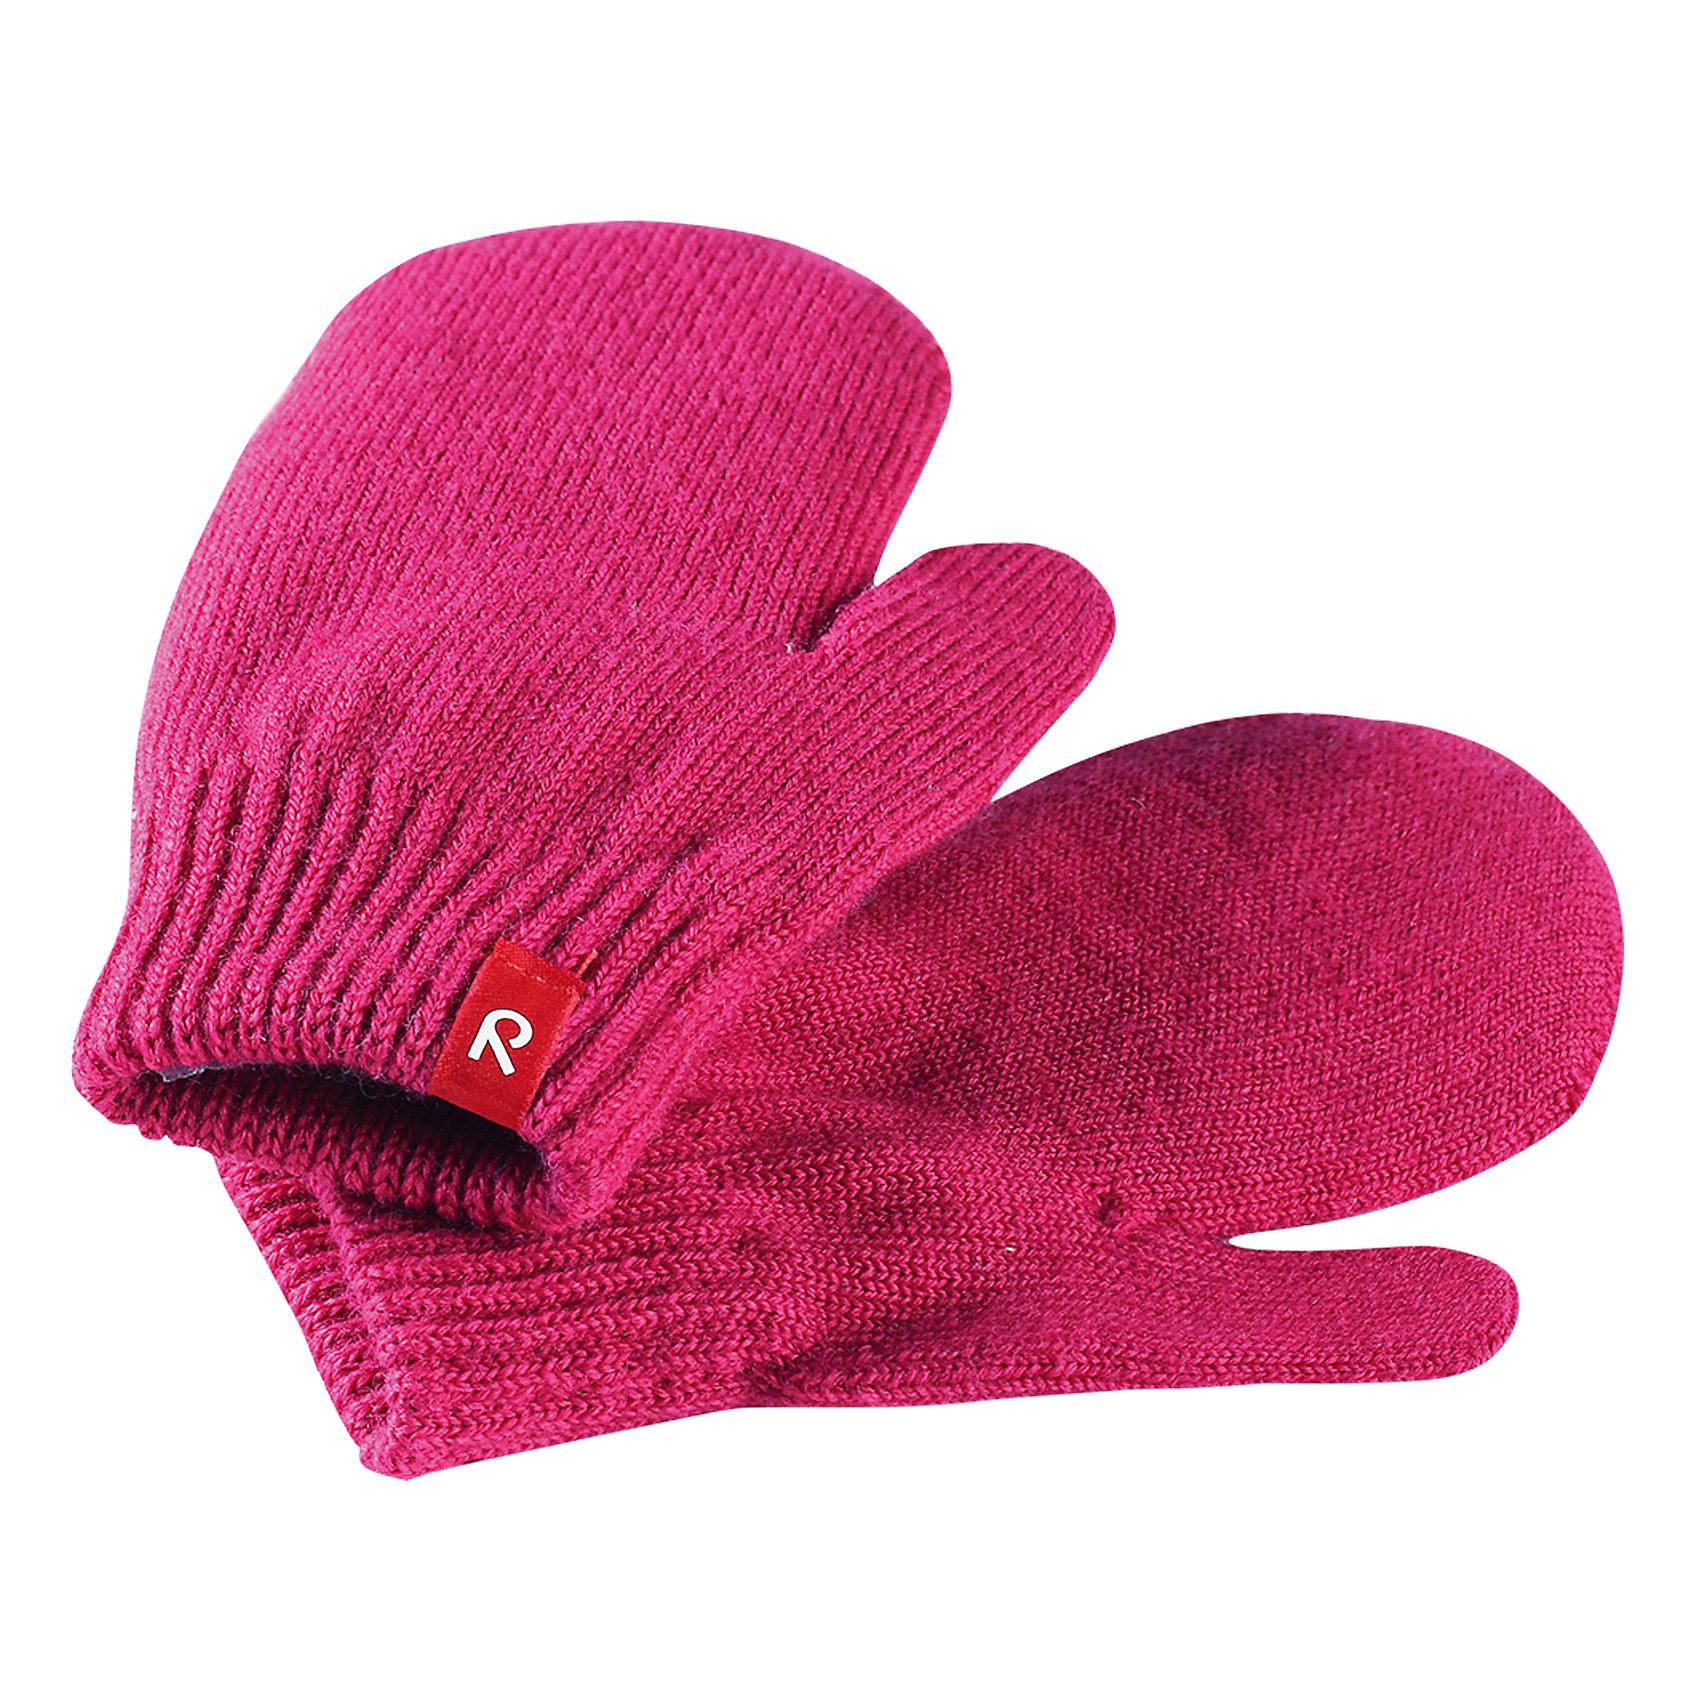 Варежки Stig ReimaПерчатки и варежки<br>Эти перчатки для малышей и детей постарше выполнены из эластичной полушерсти, дарящей комфорт в прохладные дни ранней осенью. Они идеально подойдут для поддевания под водонепроницаемые варежки и перчатки. Изготовлены из трикотажа высокого качества и легко стираются в стиральной машине. А может, купить две-три пары сразу? – ведь варежек много не бывает! <br>Состав:<br>75% Шерсть, 22% Полиакрил, 2% Полиамид, 1% Эластан<br><br>Ширина мм: 162<br>Глубина мм: 171<br>Высота мм: 55<br>Вес г: 119<br>Цвет: розовый<br>Возраст от месяцев: 72<br>Возраст до месяцев: 96<br>Пол: Унисекс<br>Возраст: Детский<br>Размер: 5/6,1/2,3/4<br>SKU: 6902083